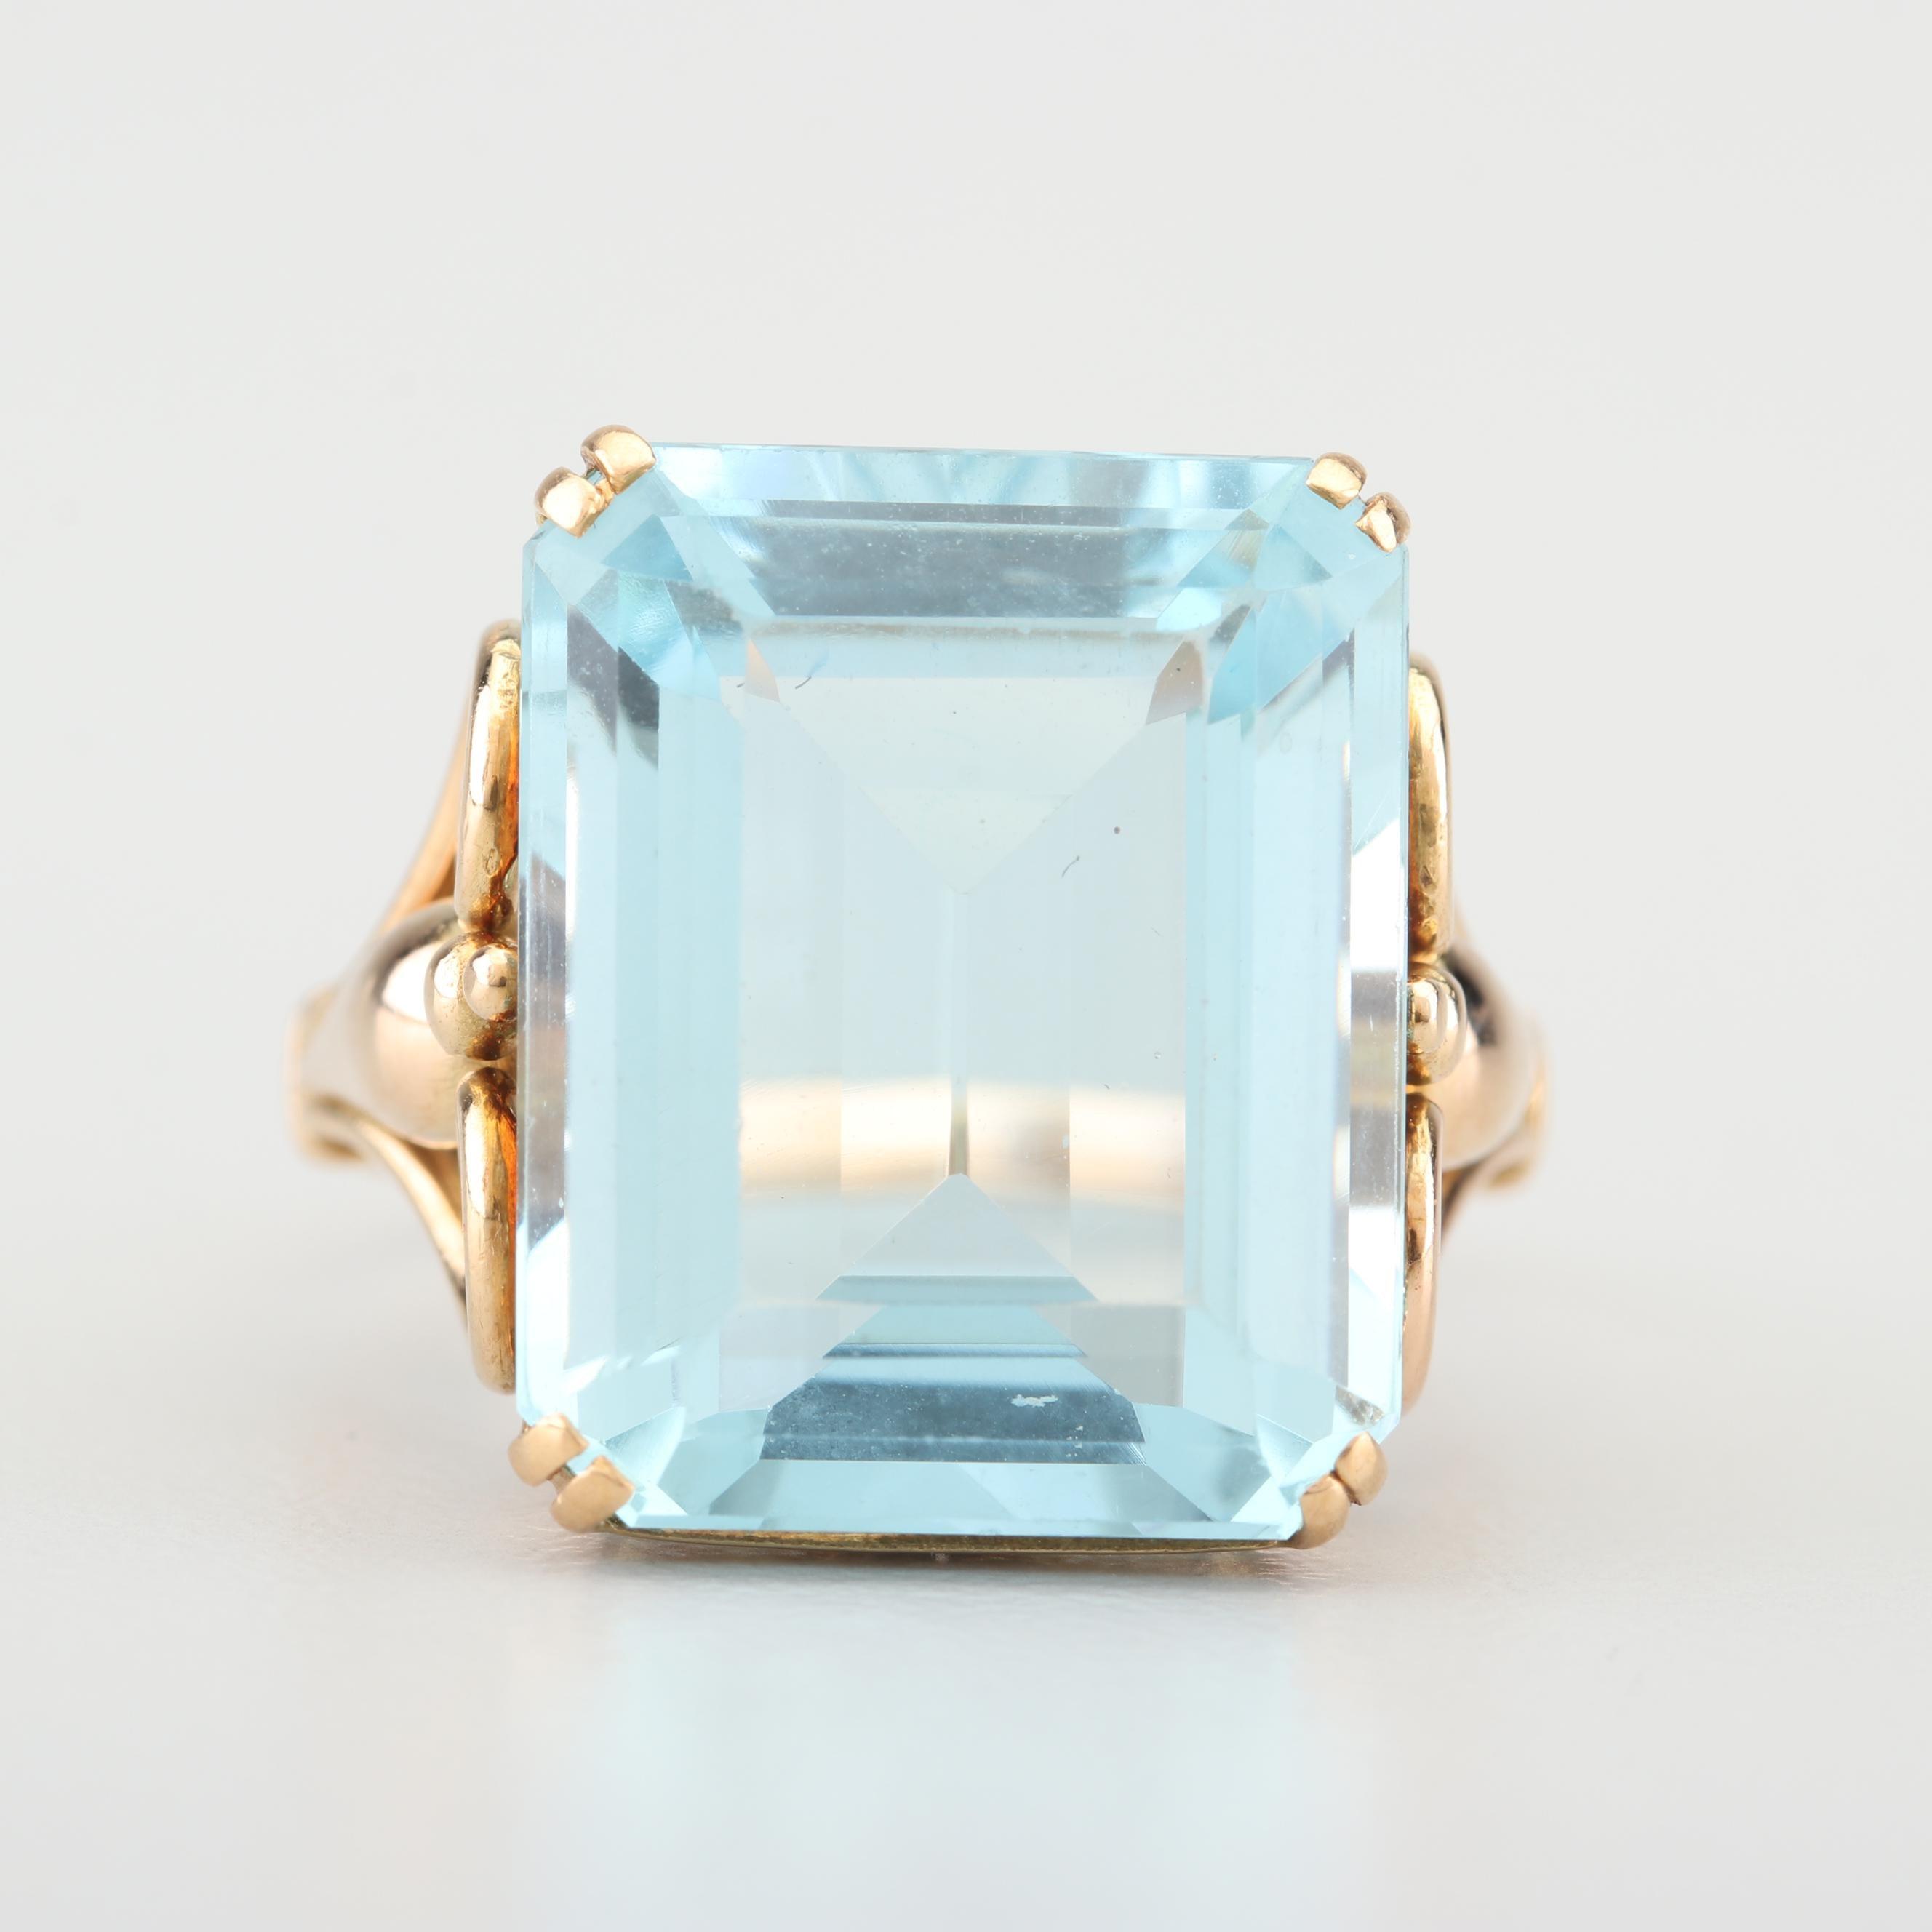 18K Yellow Gold and 14.25 CT Aquamarine Ring